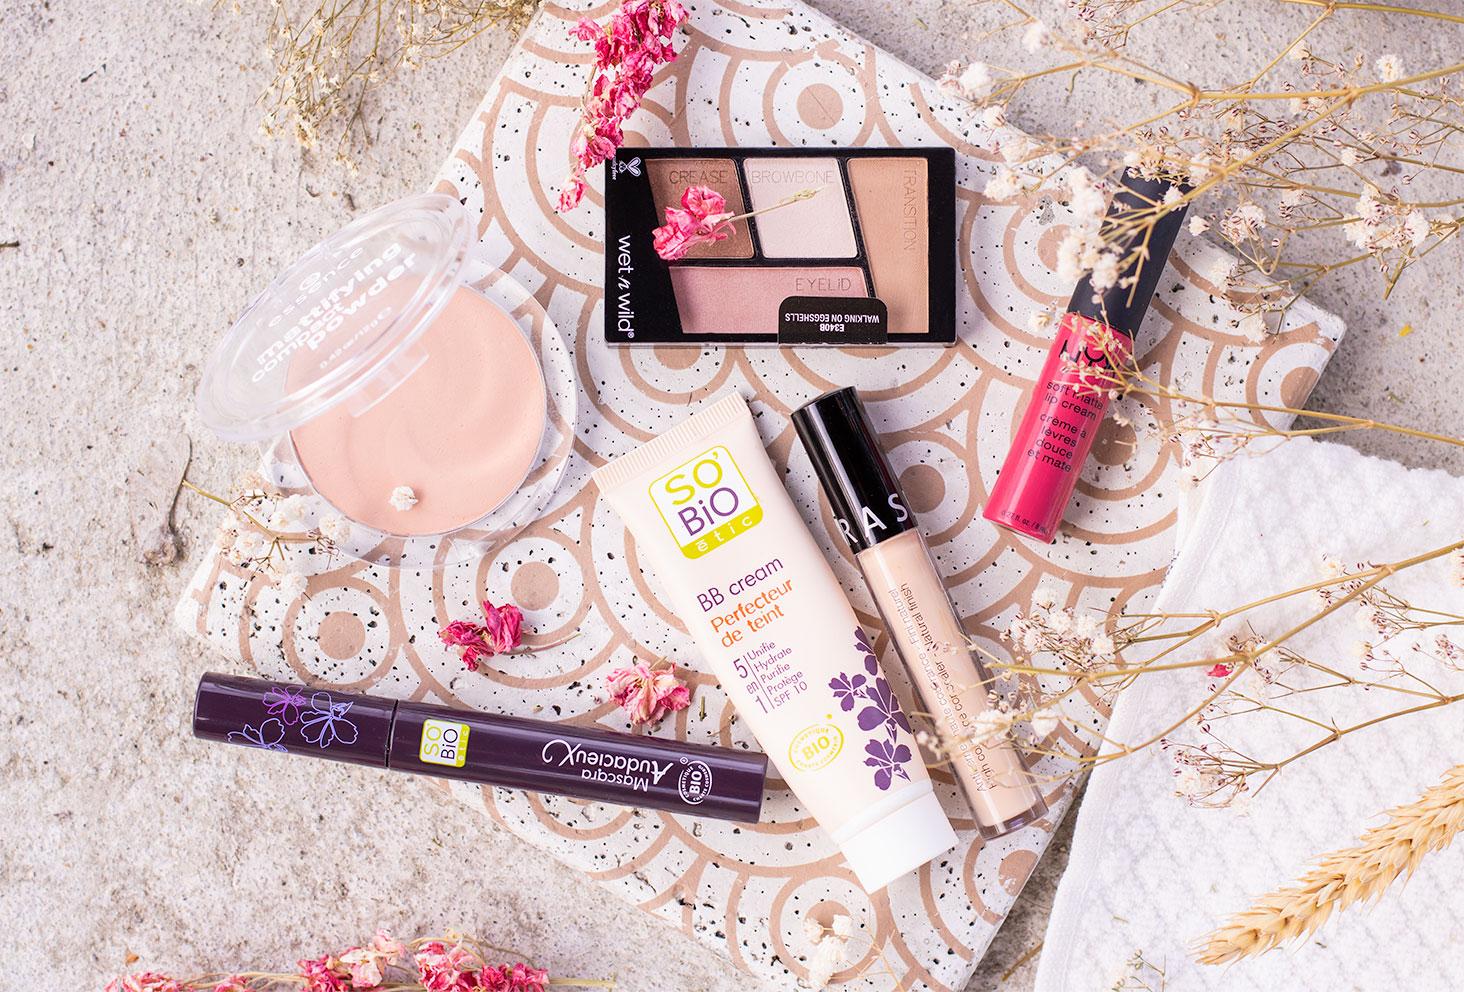 Les produits de la trousse à maquillage à moins de 50€ posé sur une dalle en béton au milieu des fleurs séchées